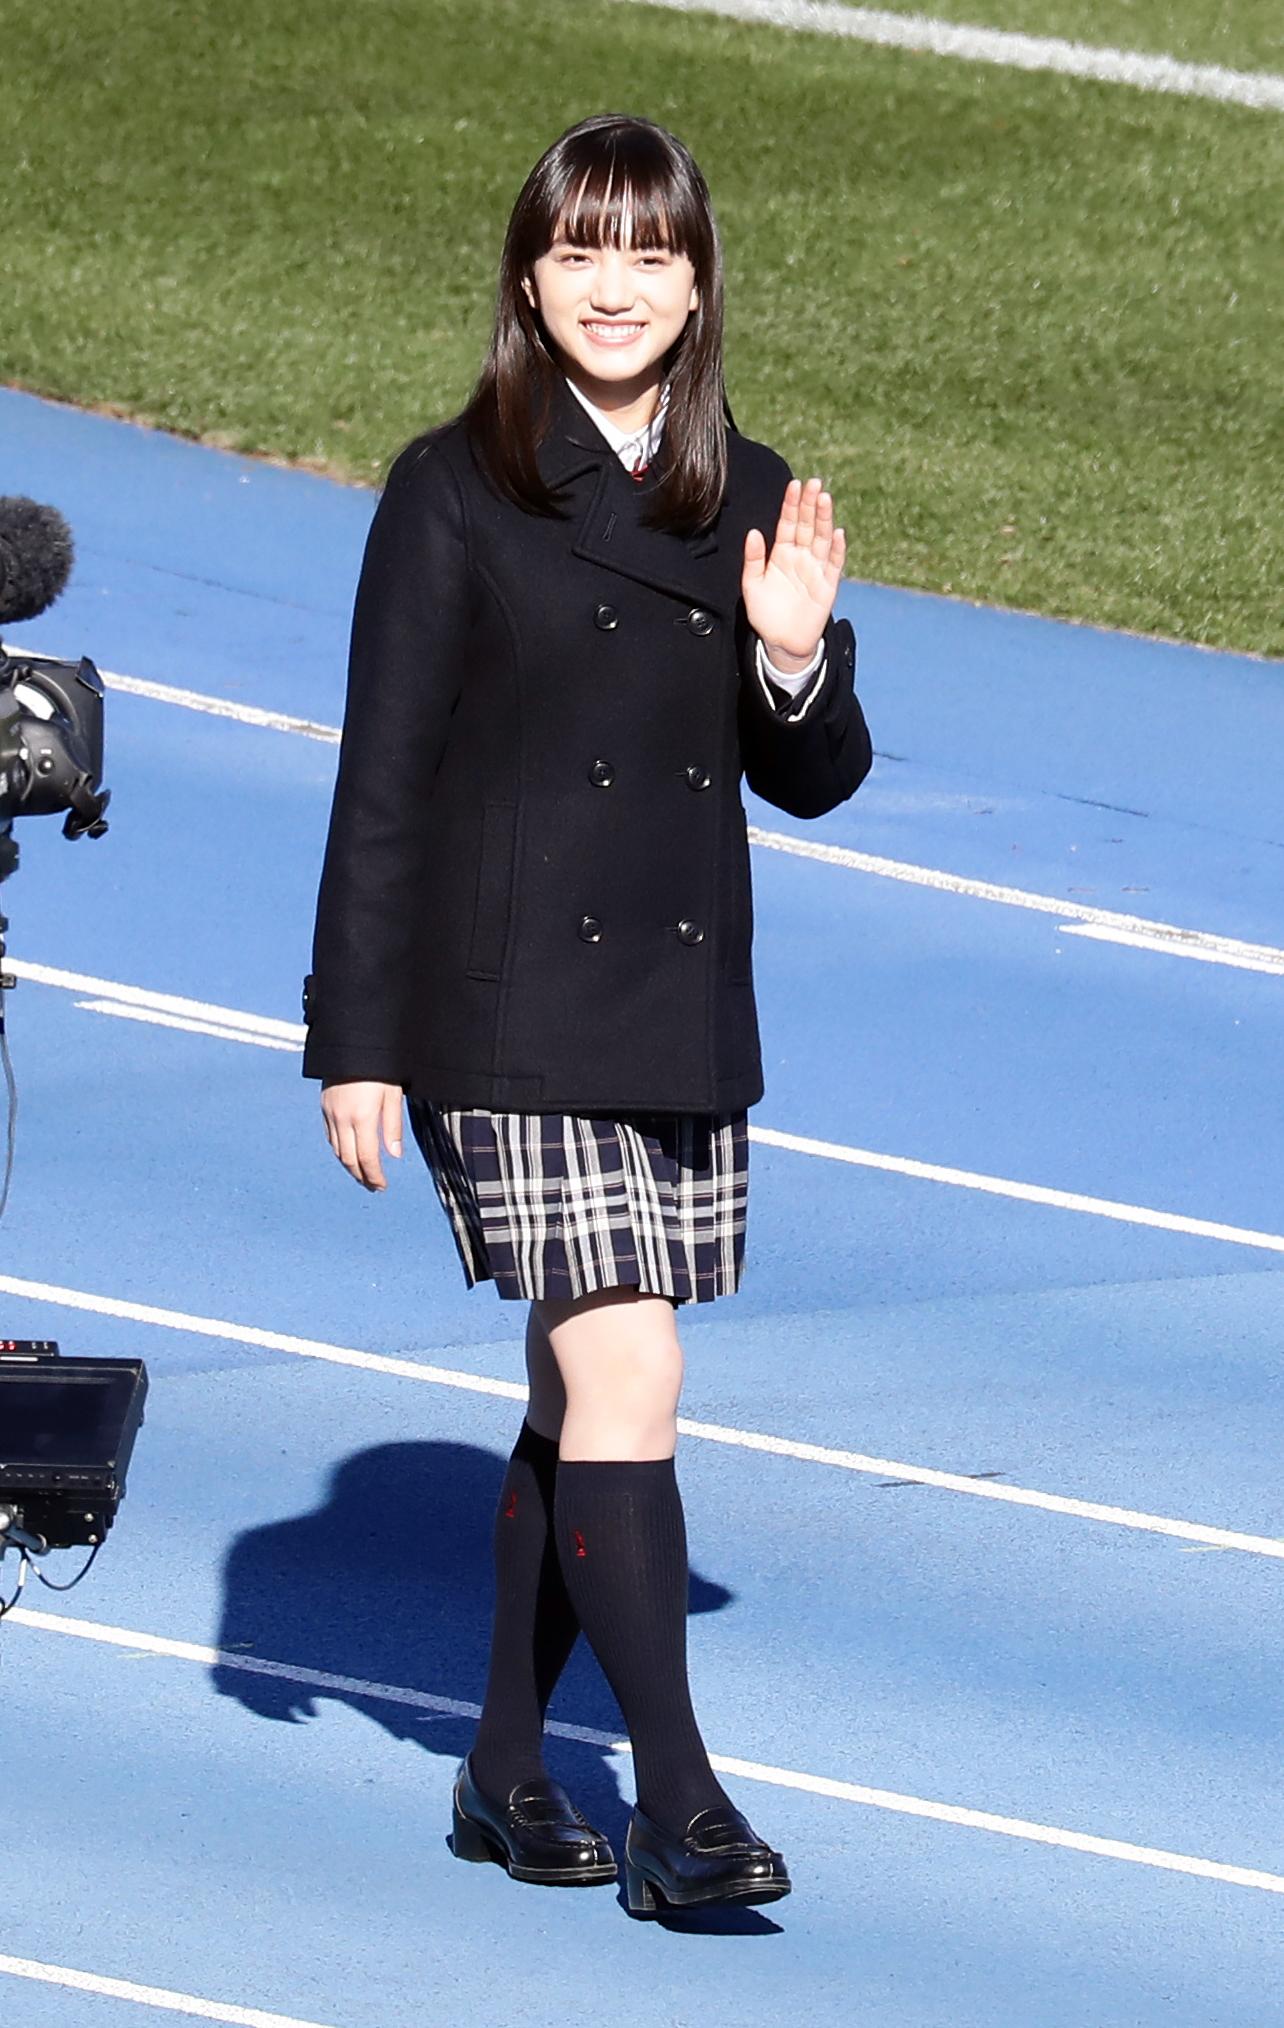 開会式で、行進する応援マネジャーの清原果耶(18年12月30日)